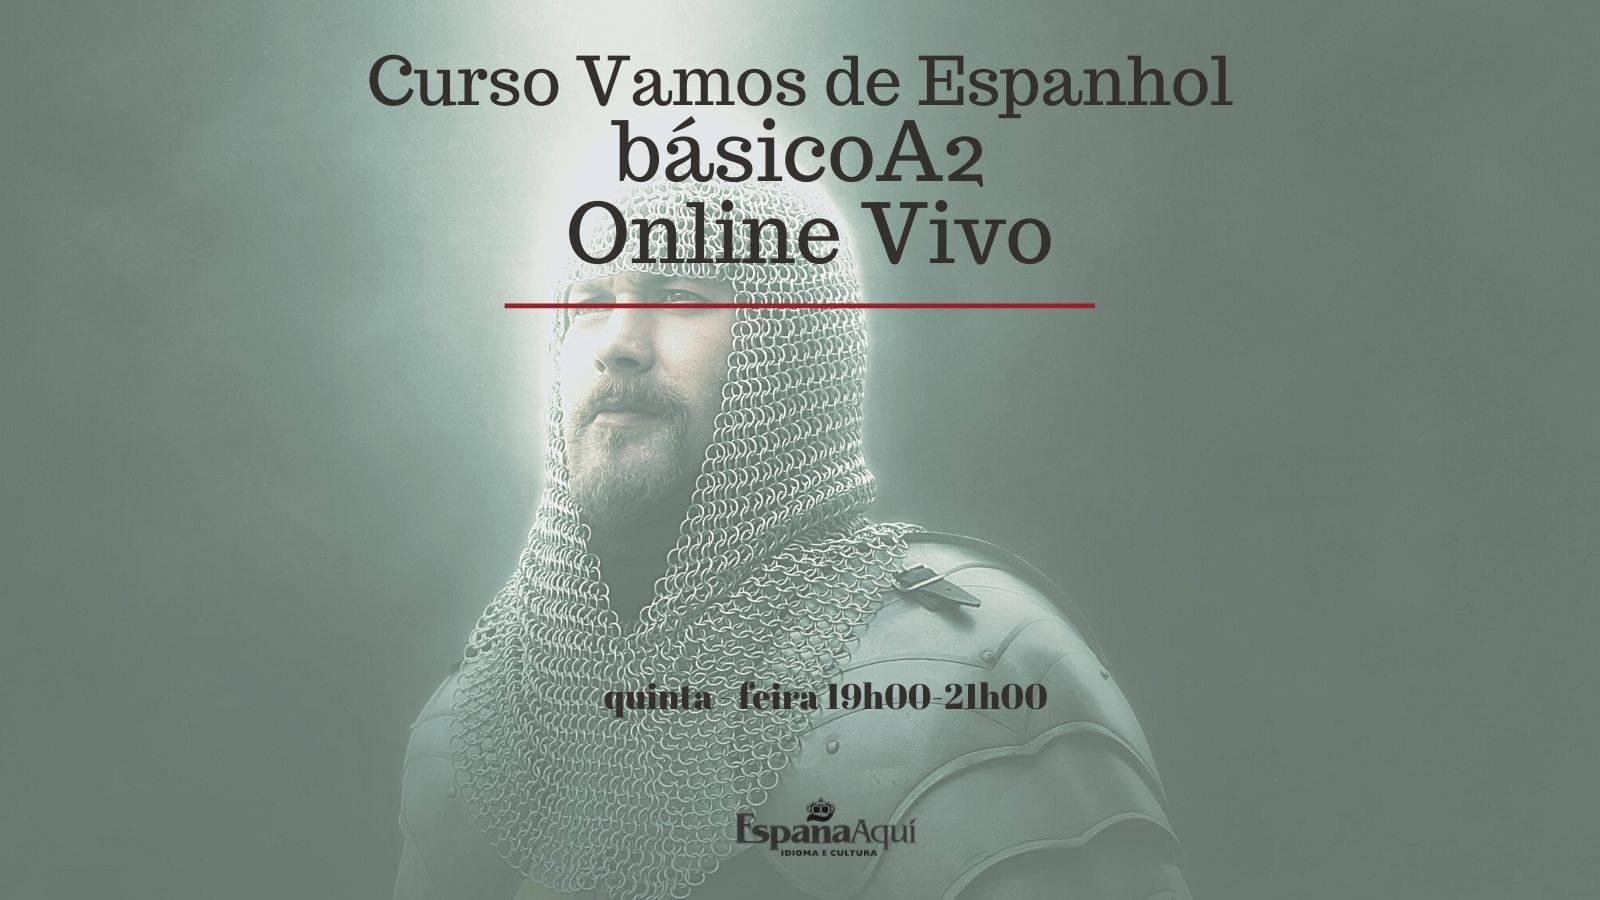 http://www.espanaaqui.com.br/pdf/fevereiro%202021/C%c3%b3pia%20de%20priorit%c3%a1rio.%20guerrero%20A2%2025.jpg